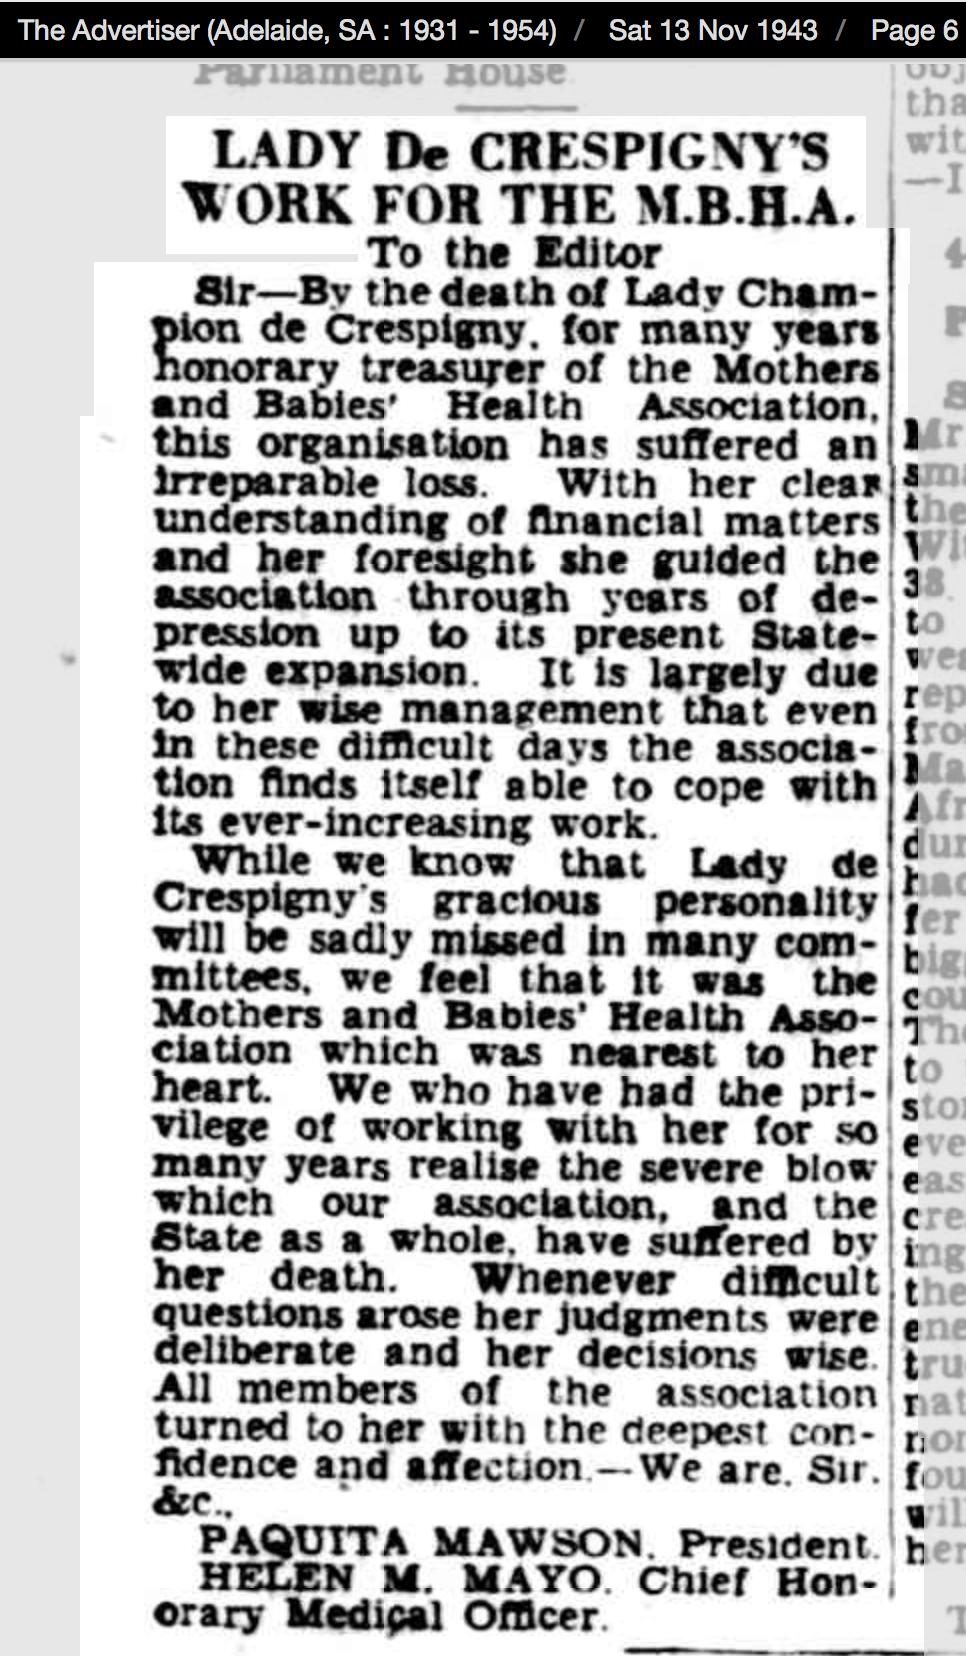 MBHA letter The Advertiser 13 Nov 1943